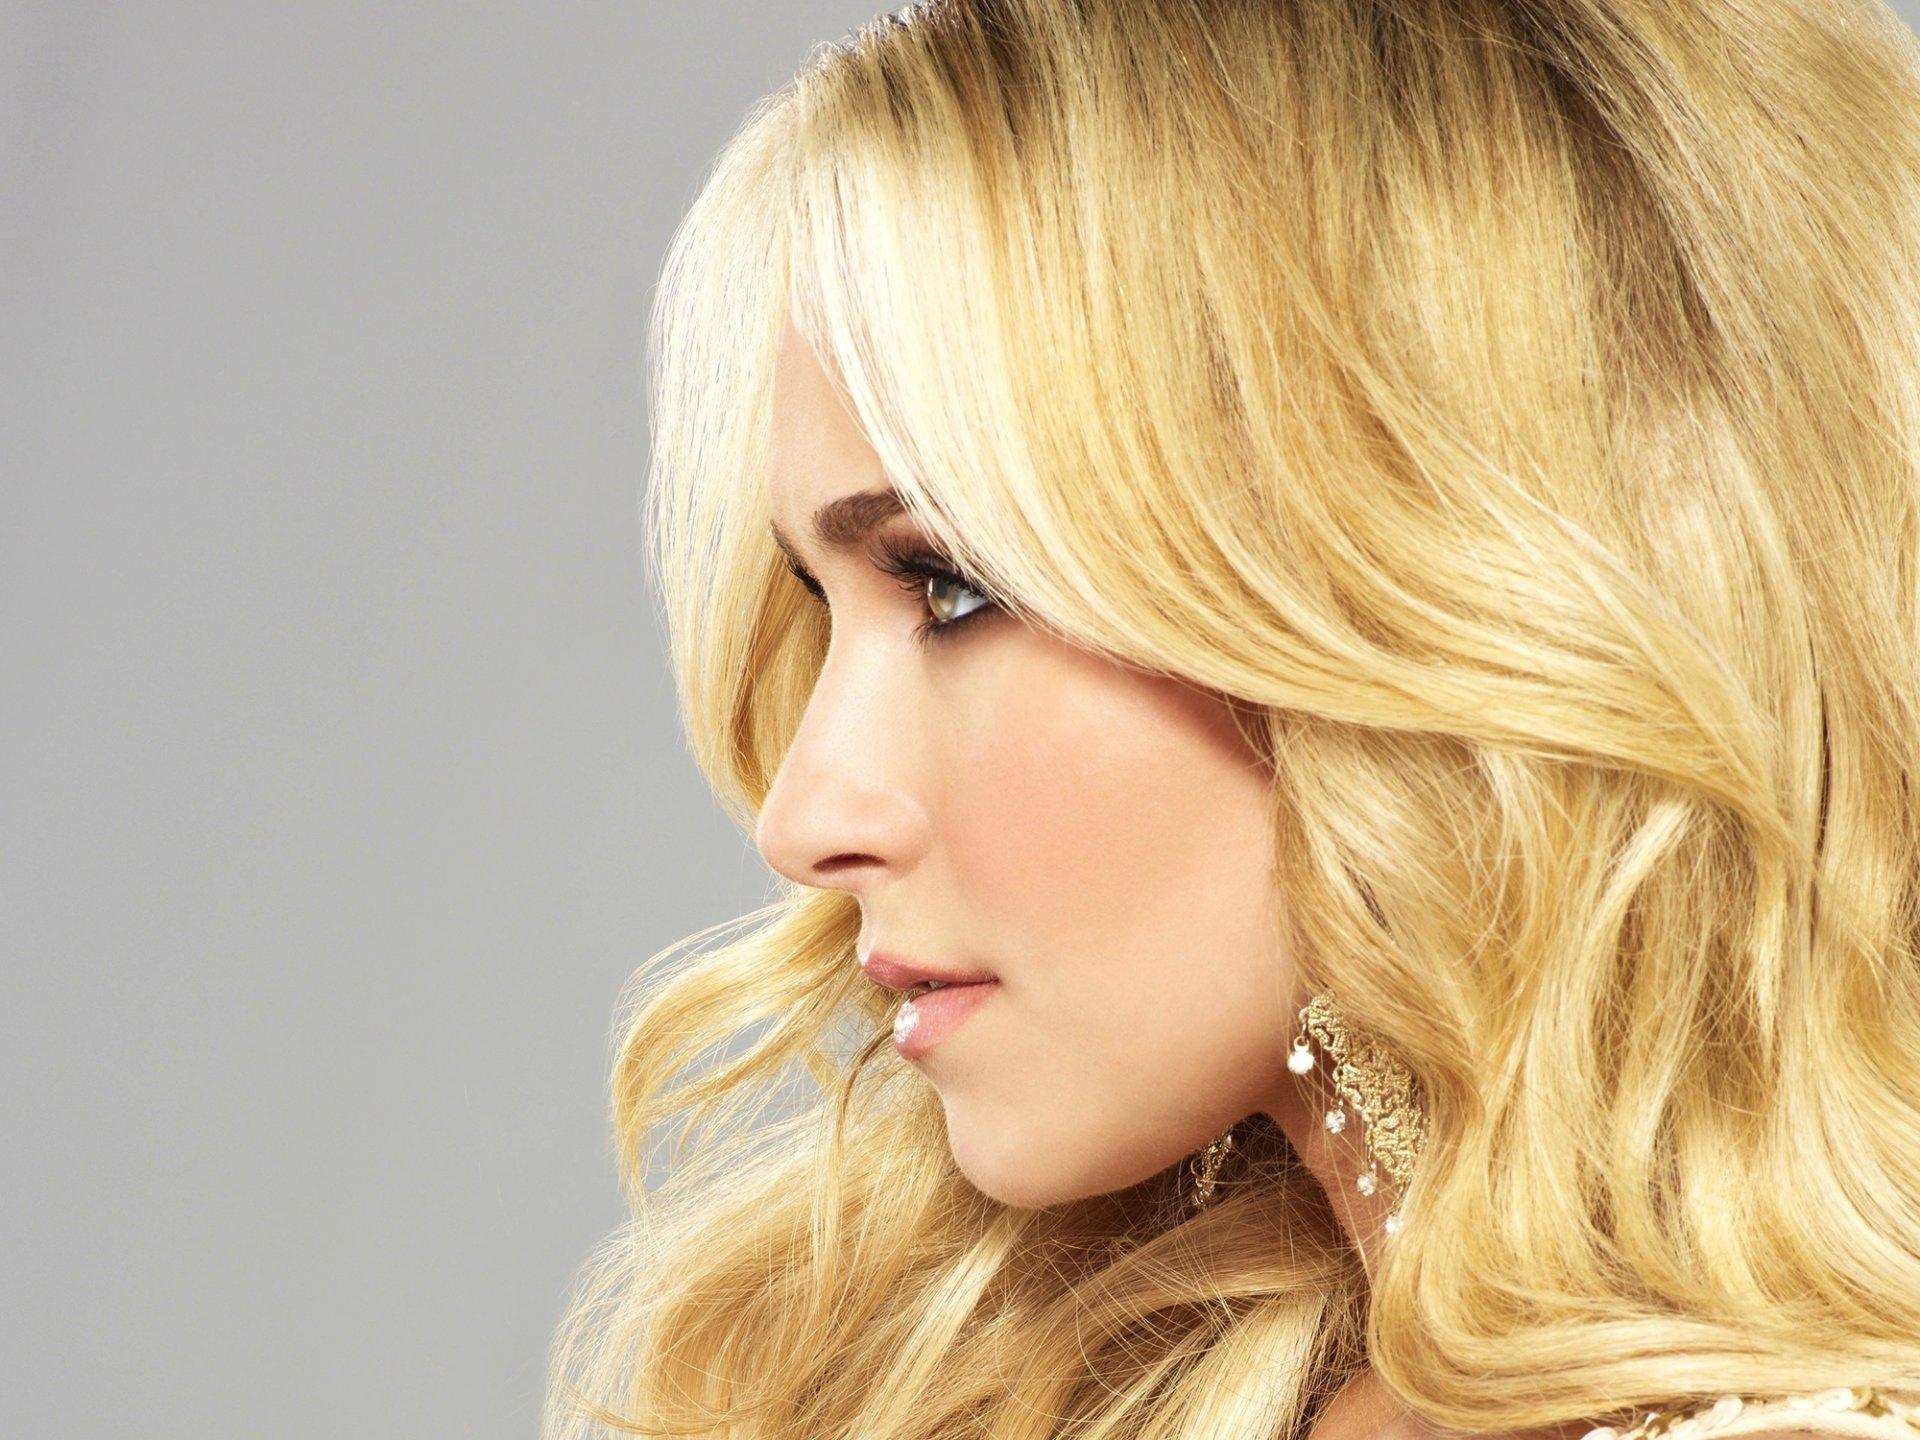 Фото девушек в профиль блондинка, очень красивая русская молодежь трахается